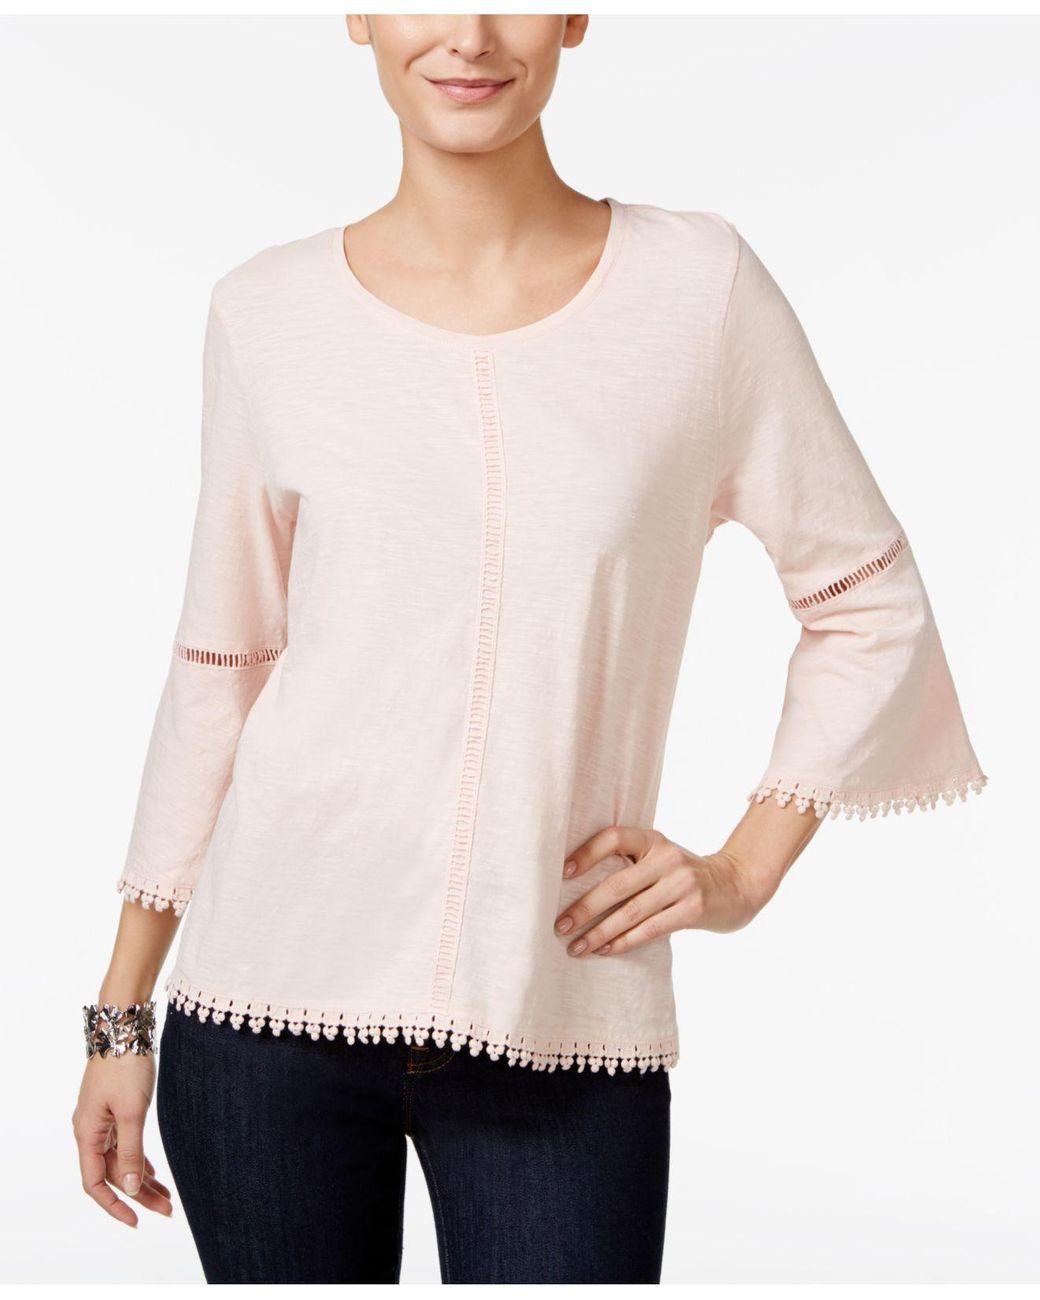 Karen Kane PLUS Gray Boho Blush Sleeveless Light Weight Reversible Vest NWT